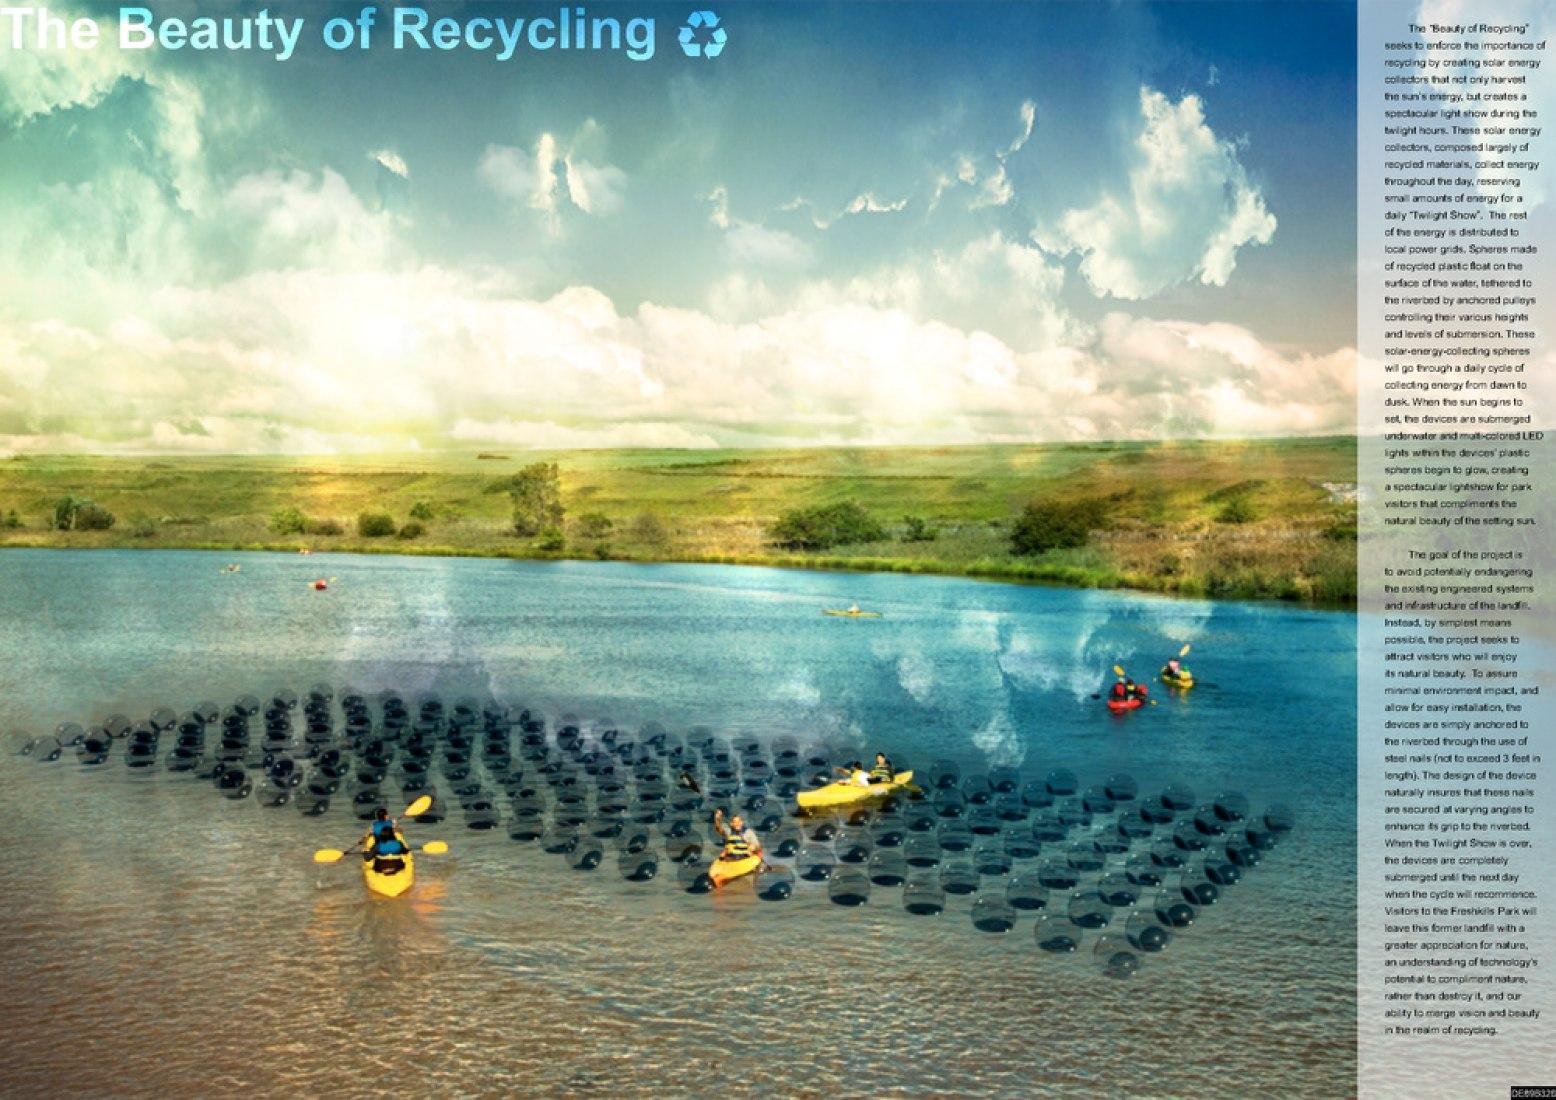 The Beauty of Recycling por Daniel Elmore.